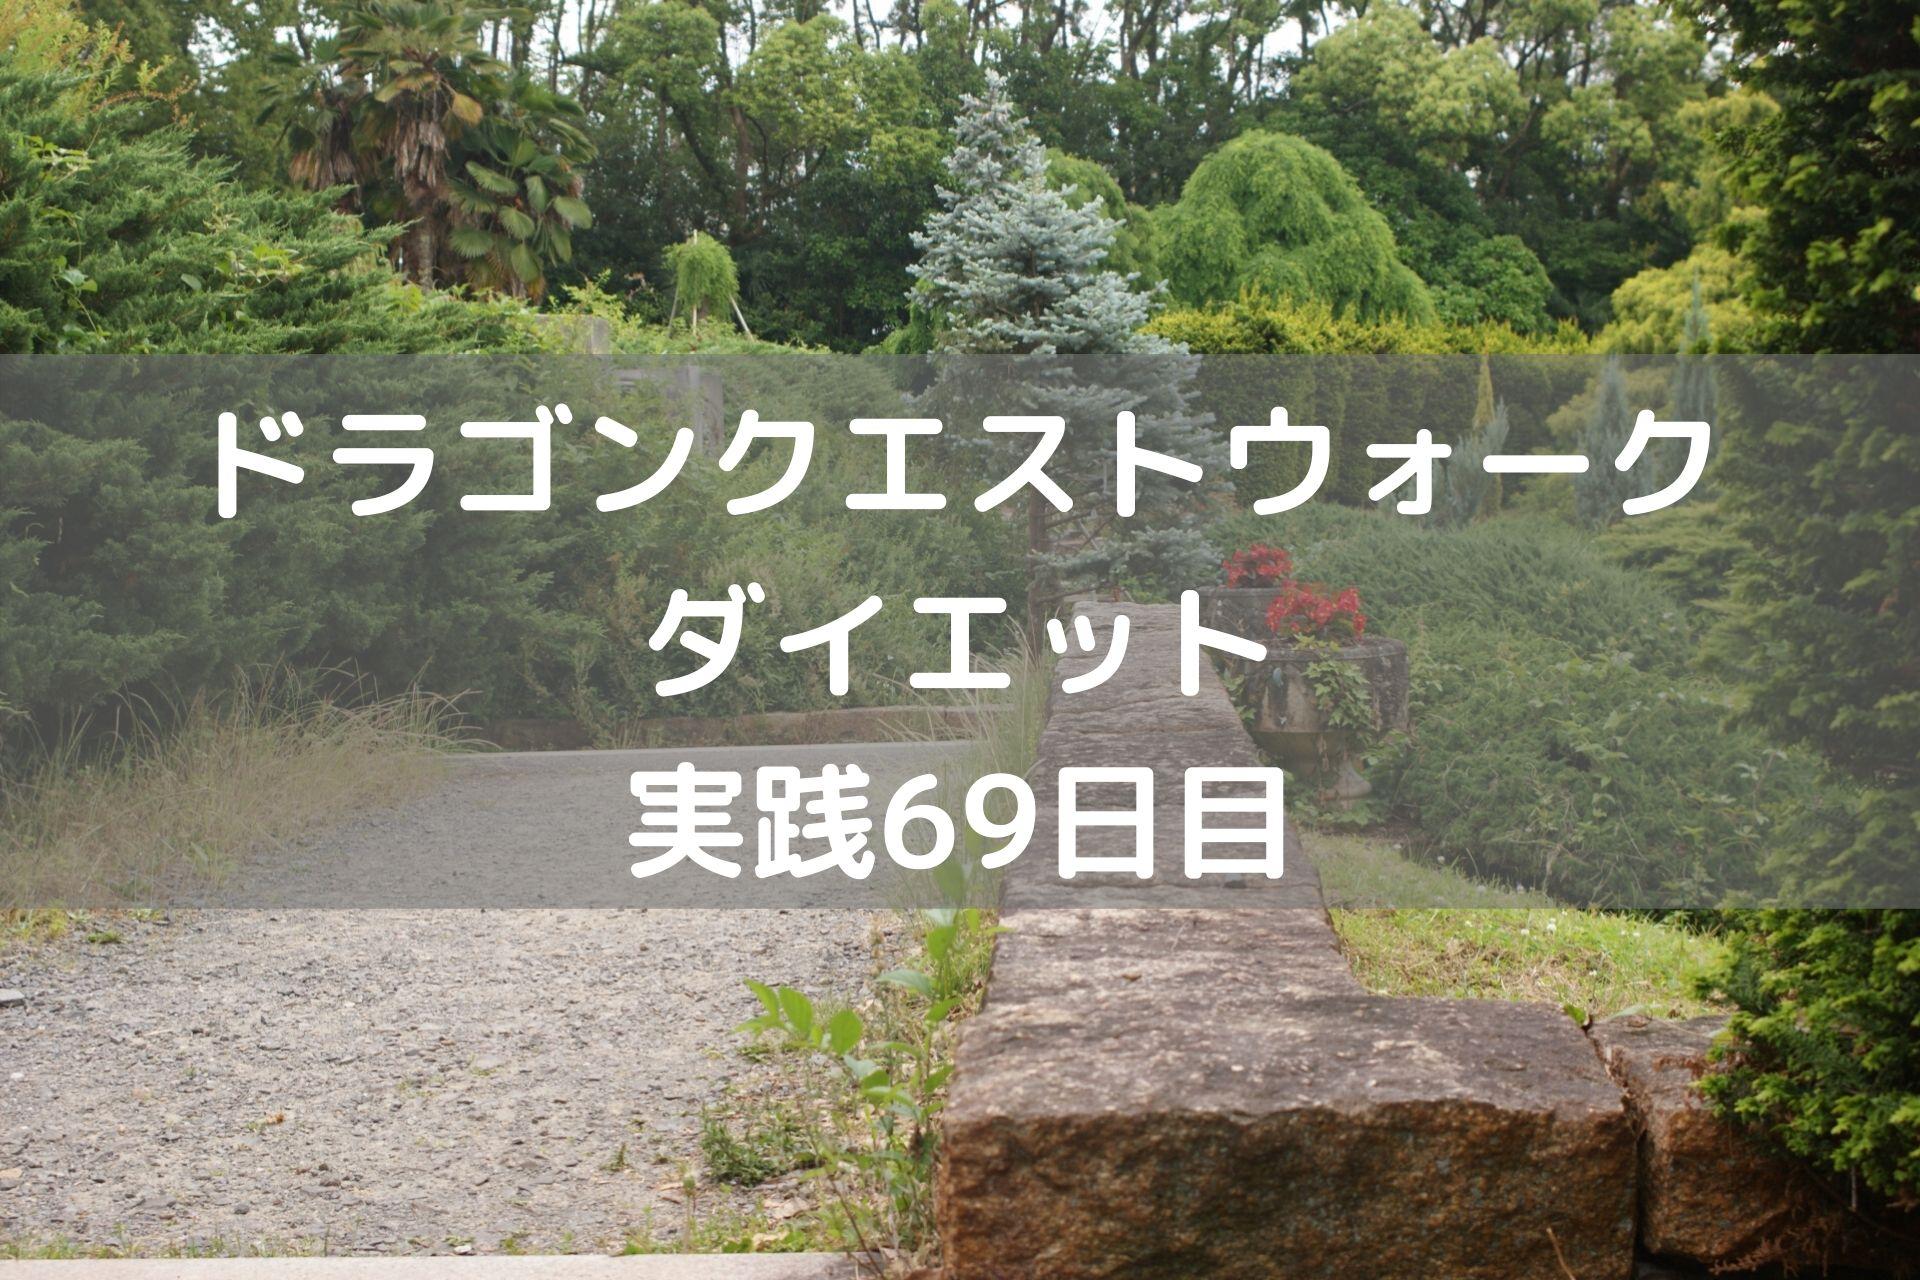 しりょうのきし しぐさ解放!! 【DQウォーク実践69日目】